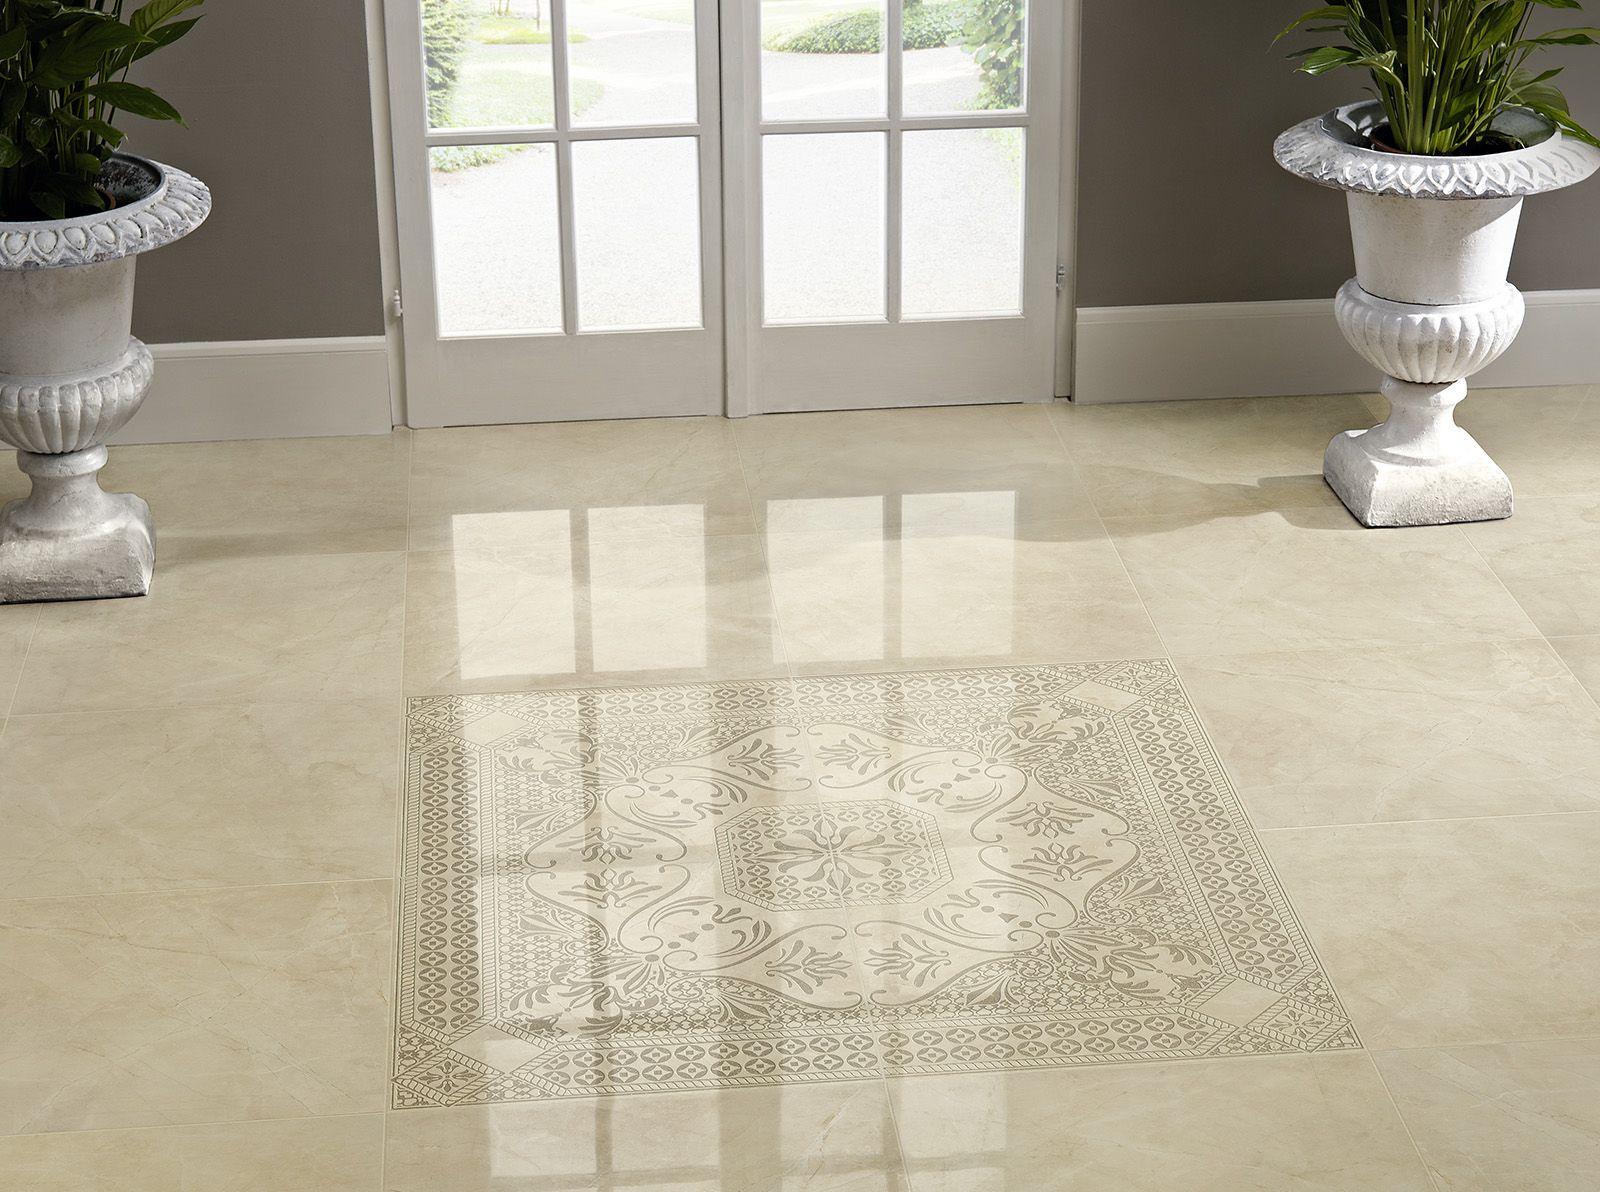 Pavimento In Piastrelle Di Ceramica Smaltata : Evolutionmarble ceramic tiles marazzi bagno